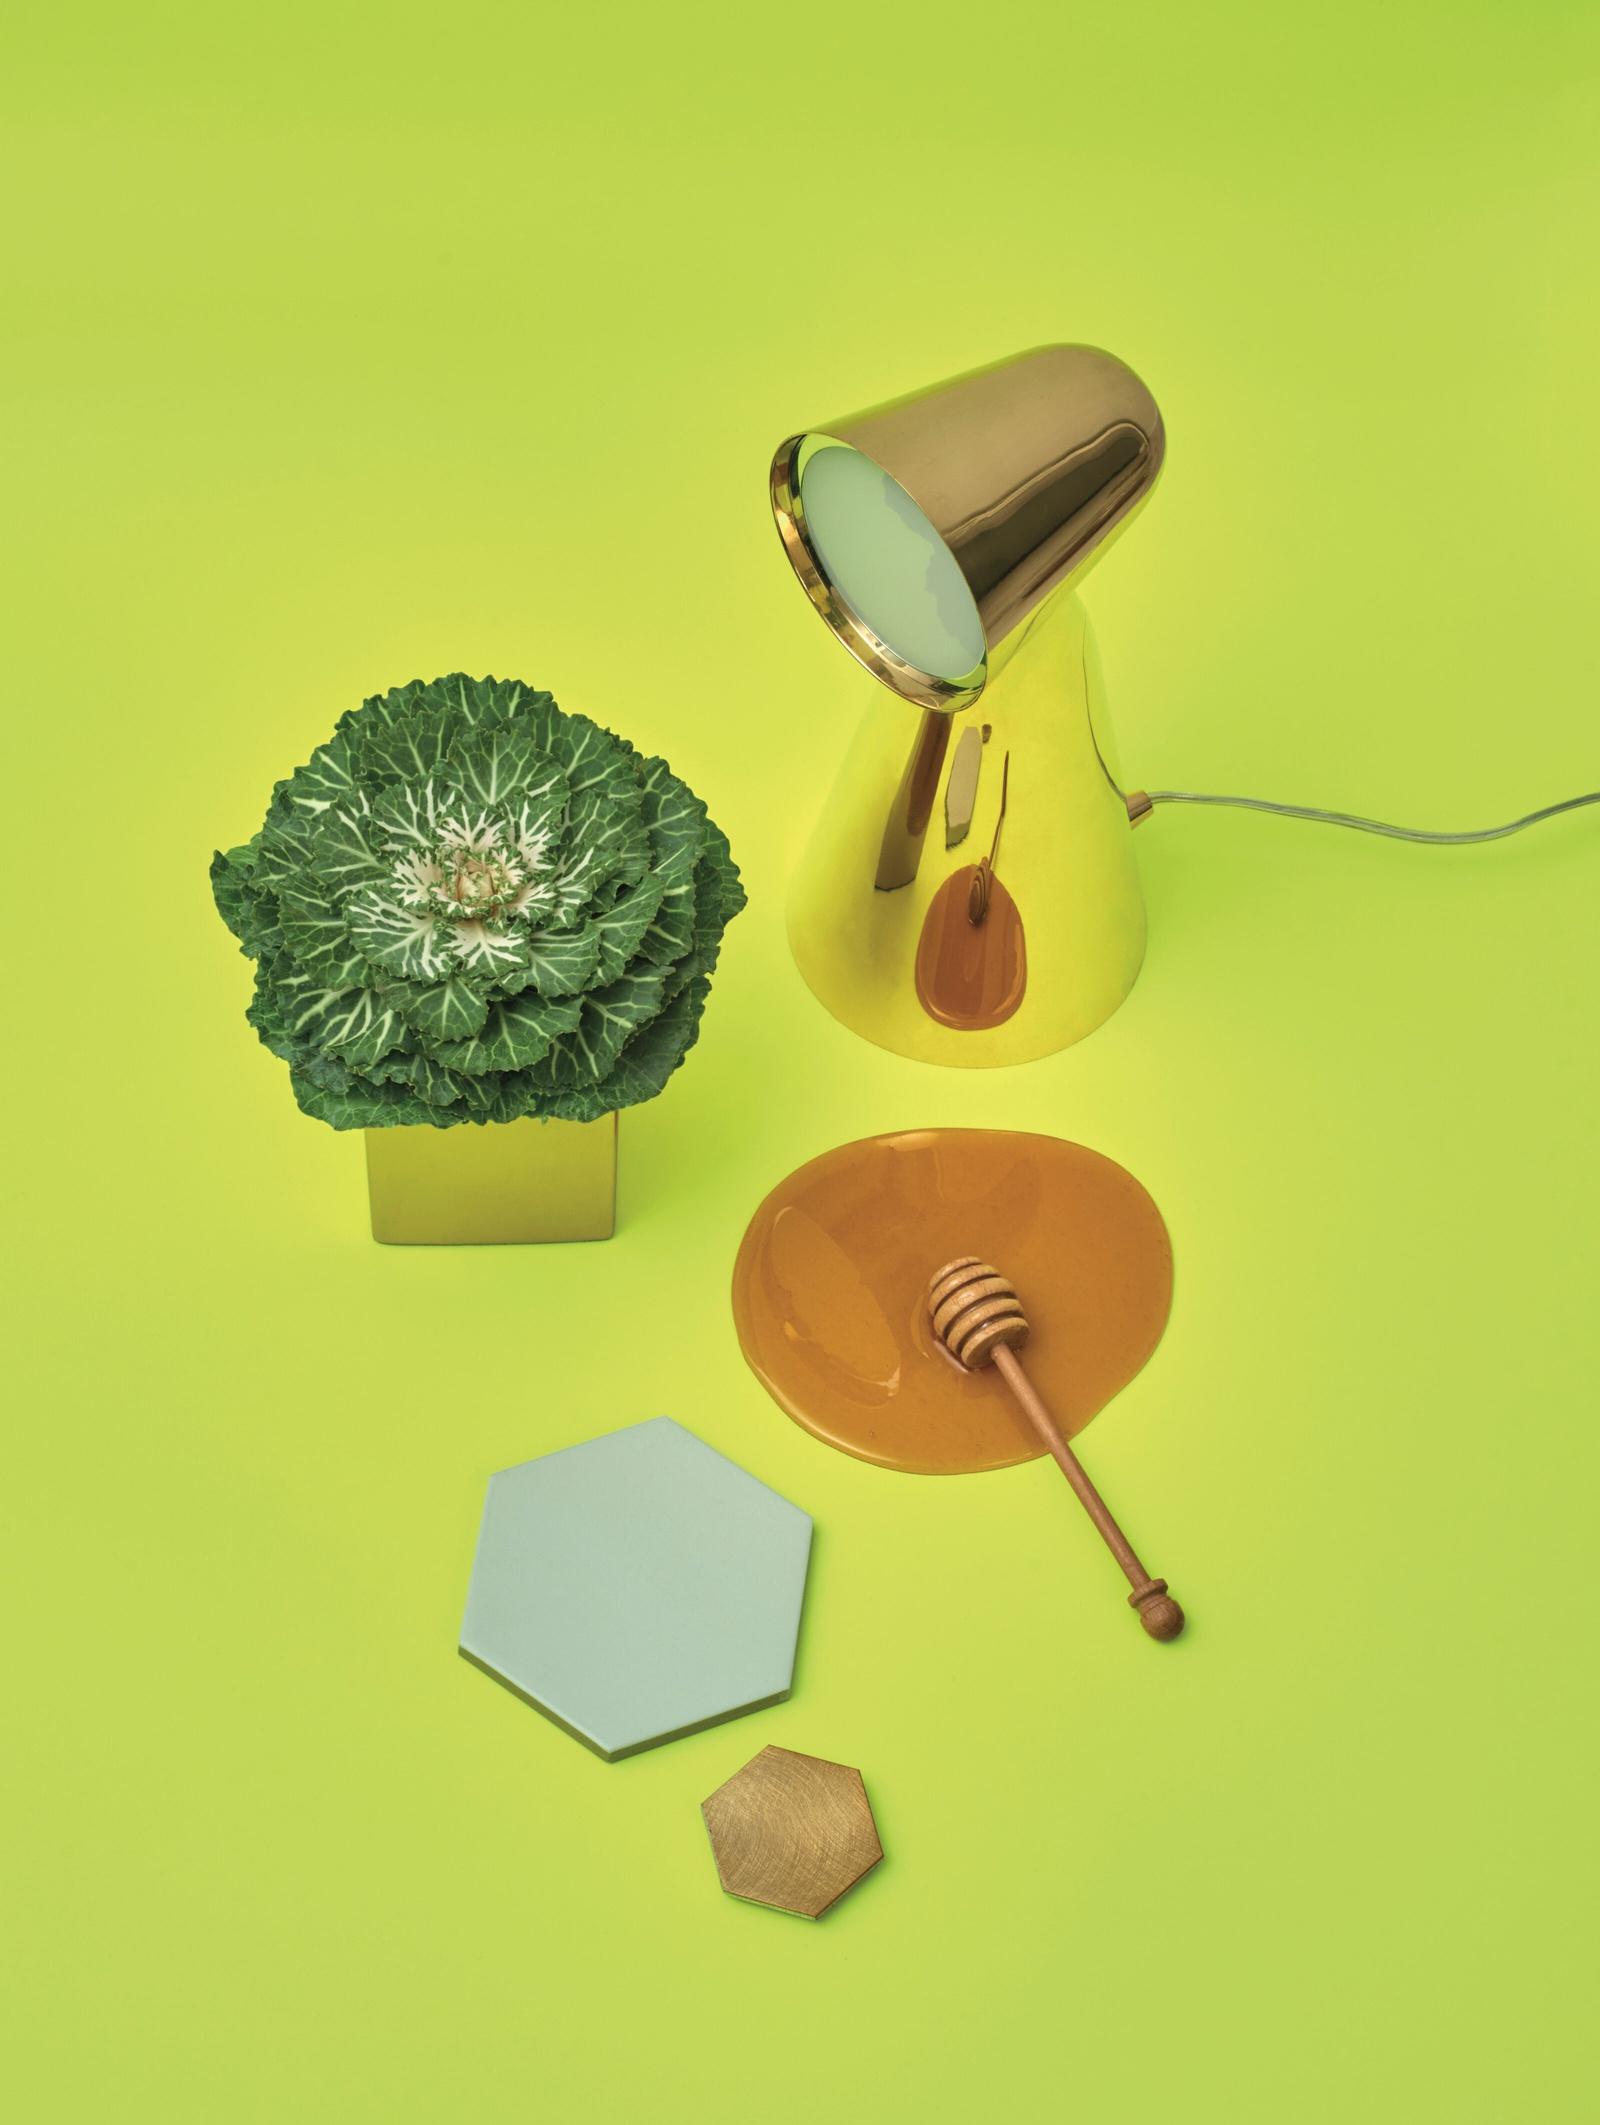 Tischlampe, Kohl, Honig, Fliesen